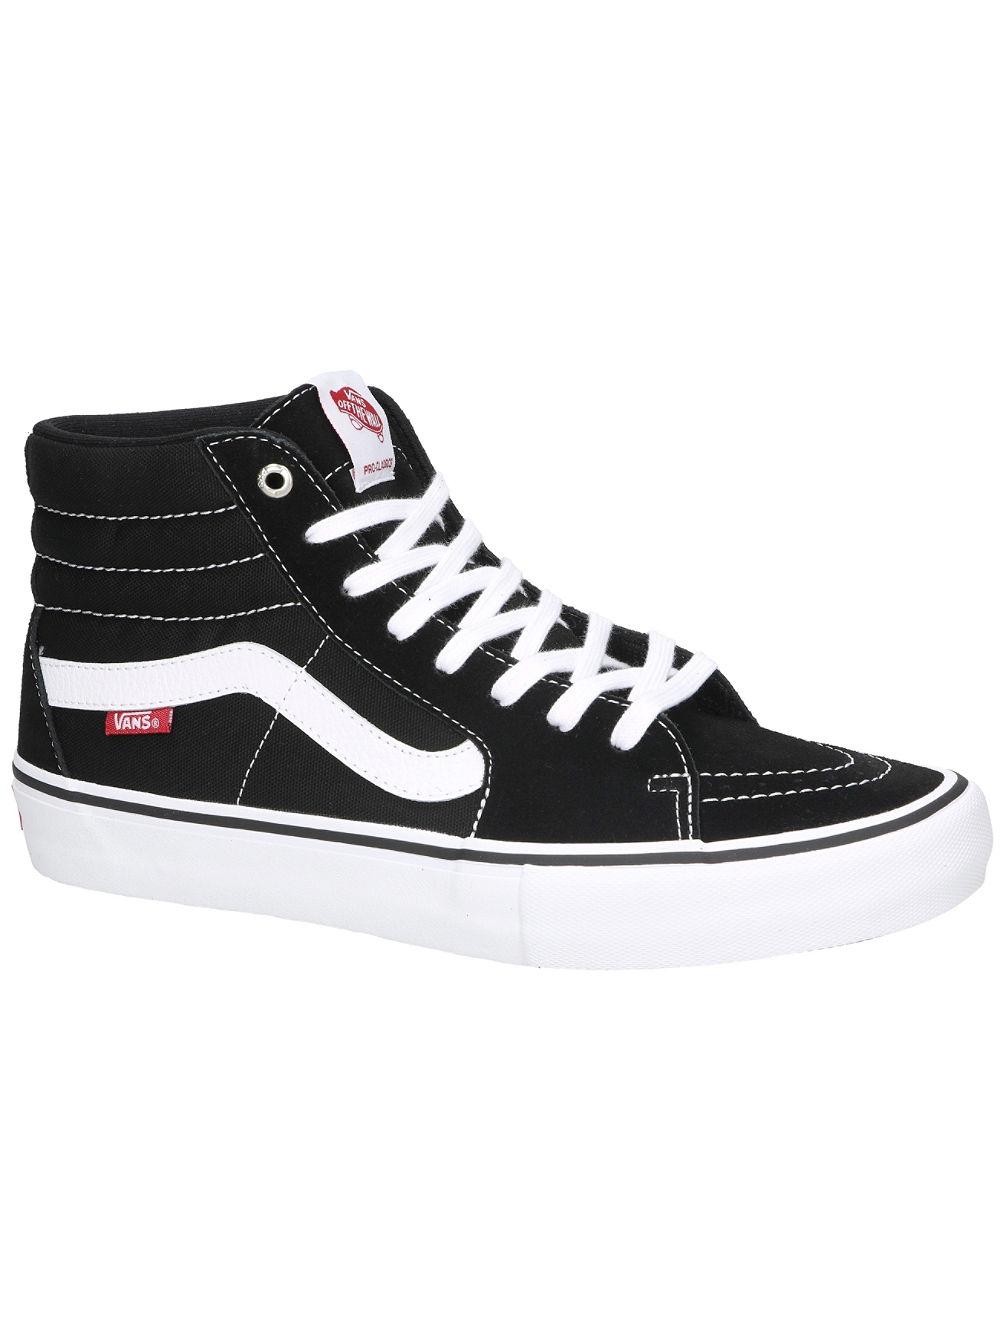 af4e15f599 Buy Vans Sk8-Hi Pro Skate Shoes online at Blue Tomato